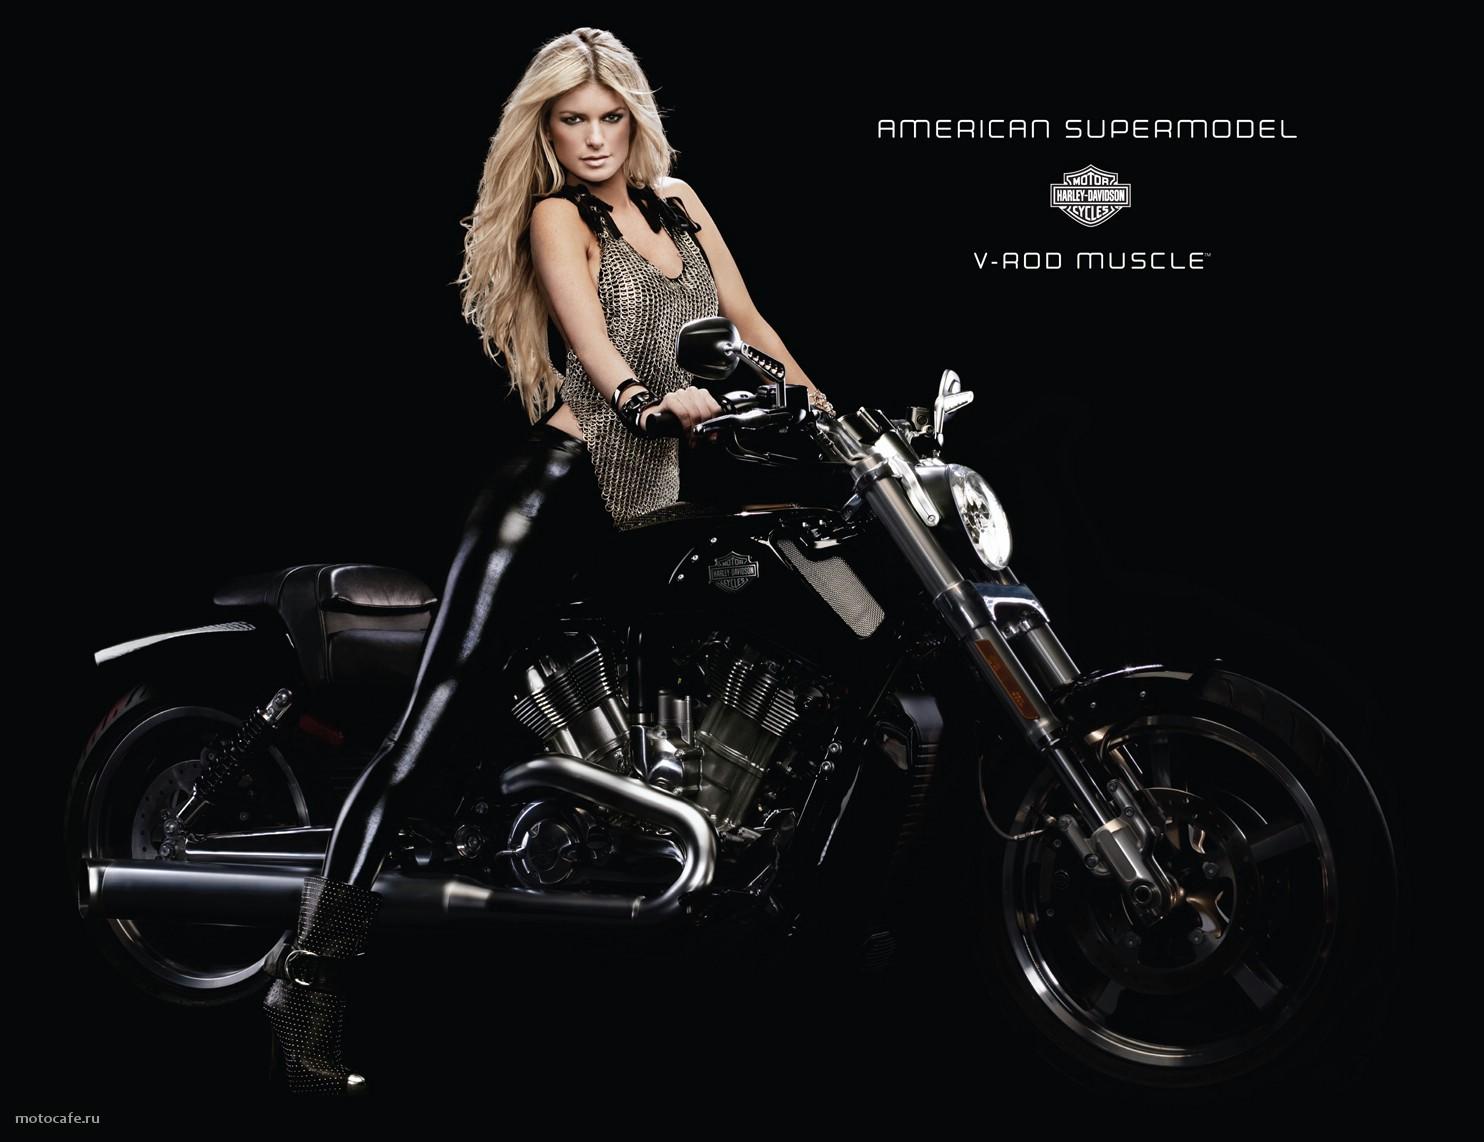 Harley Davidson: Harley Davidson V Rod Muscle